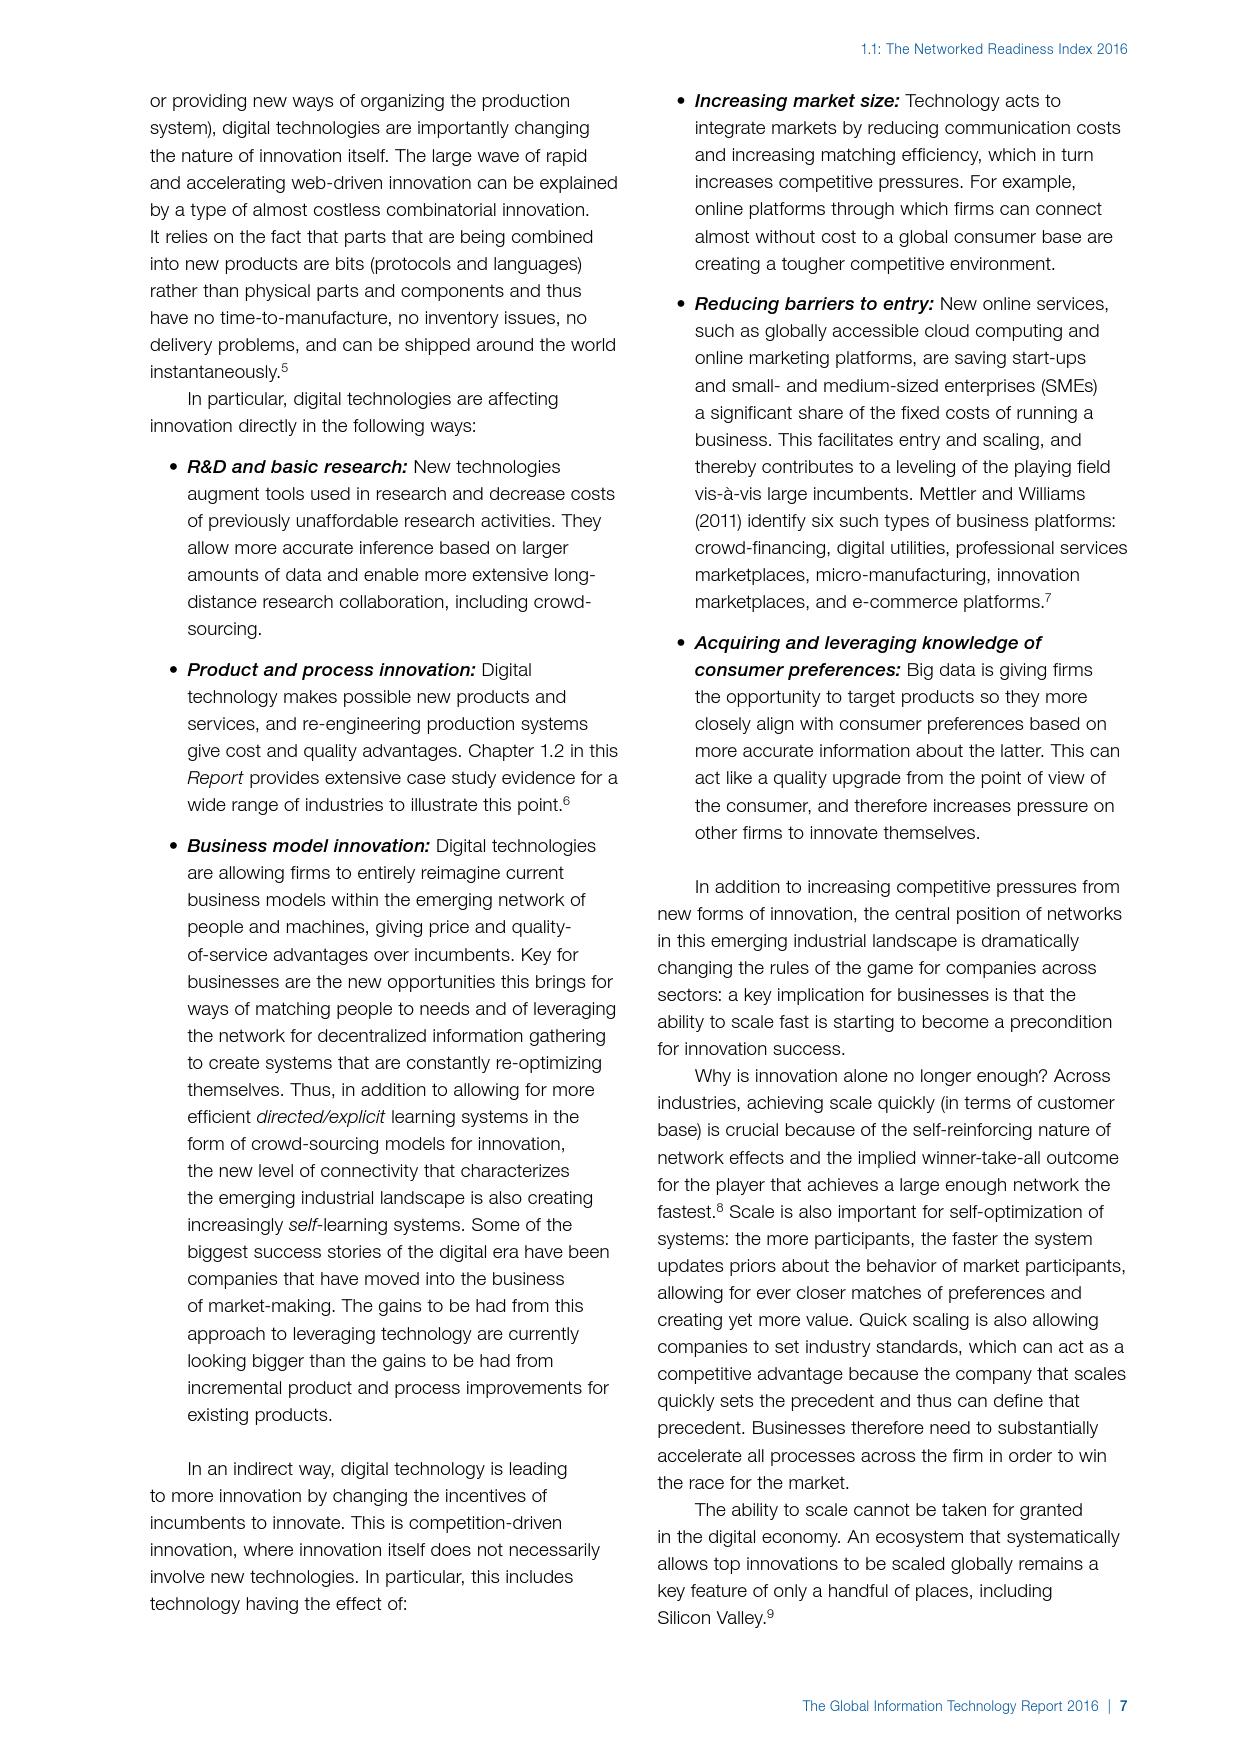 2016 年全球信息技术报告_000022